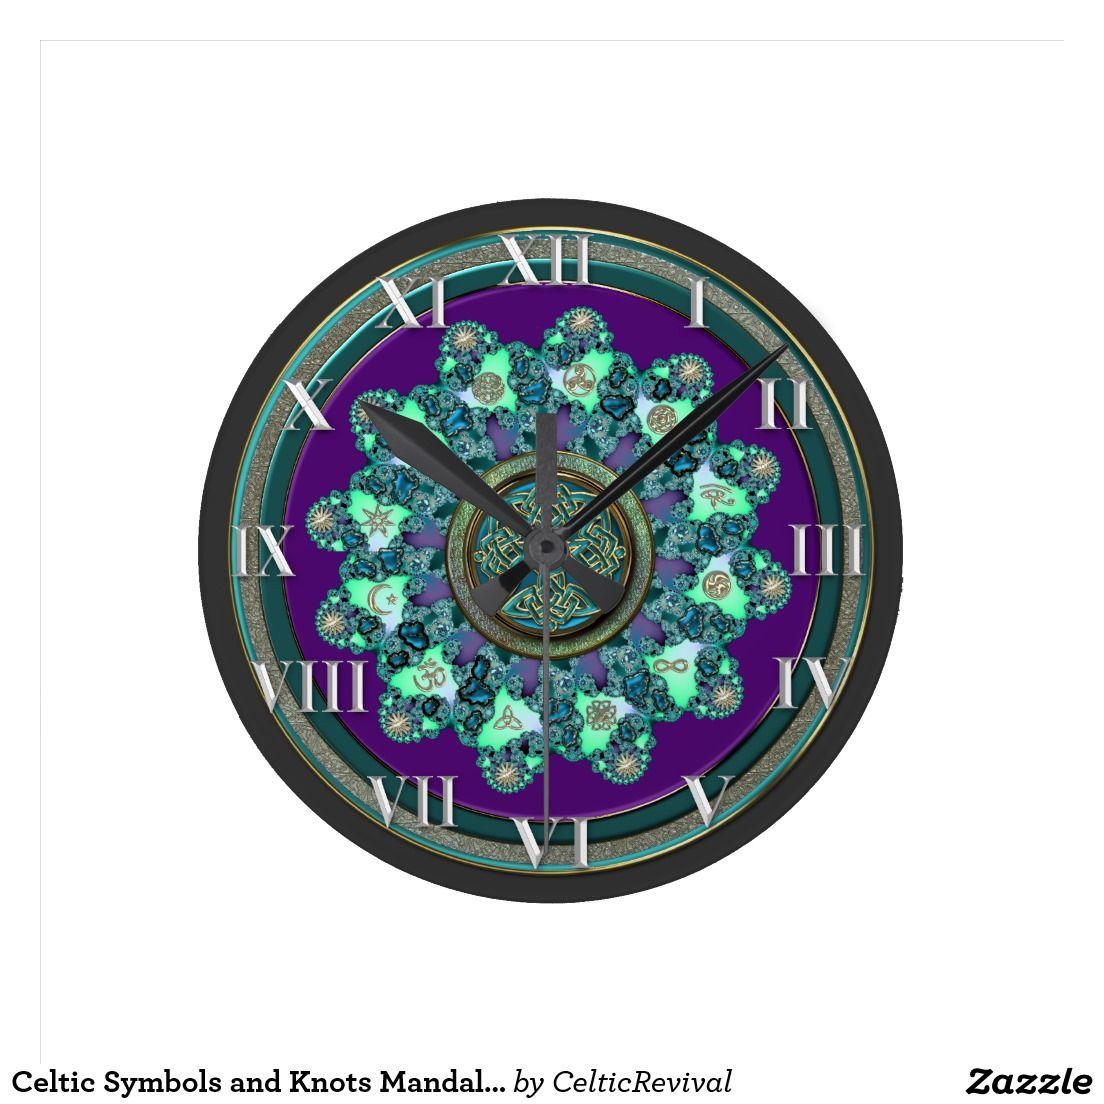 Celtic symbols and knots mandala clock symbols and clocks